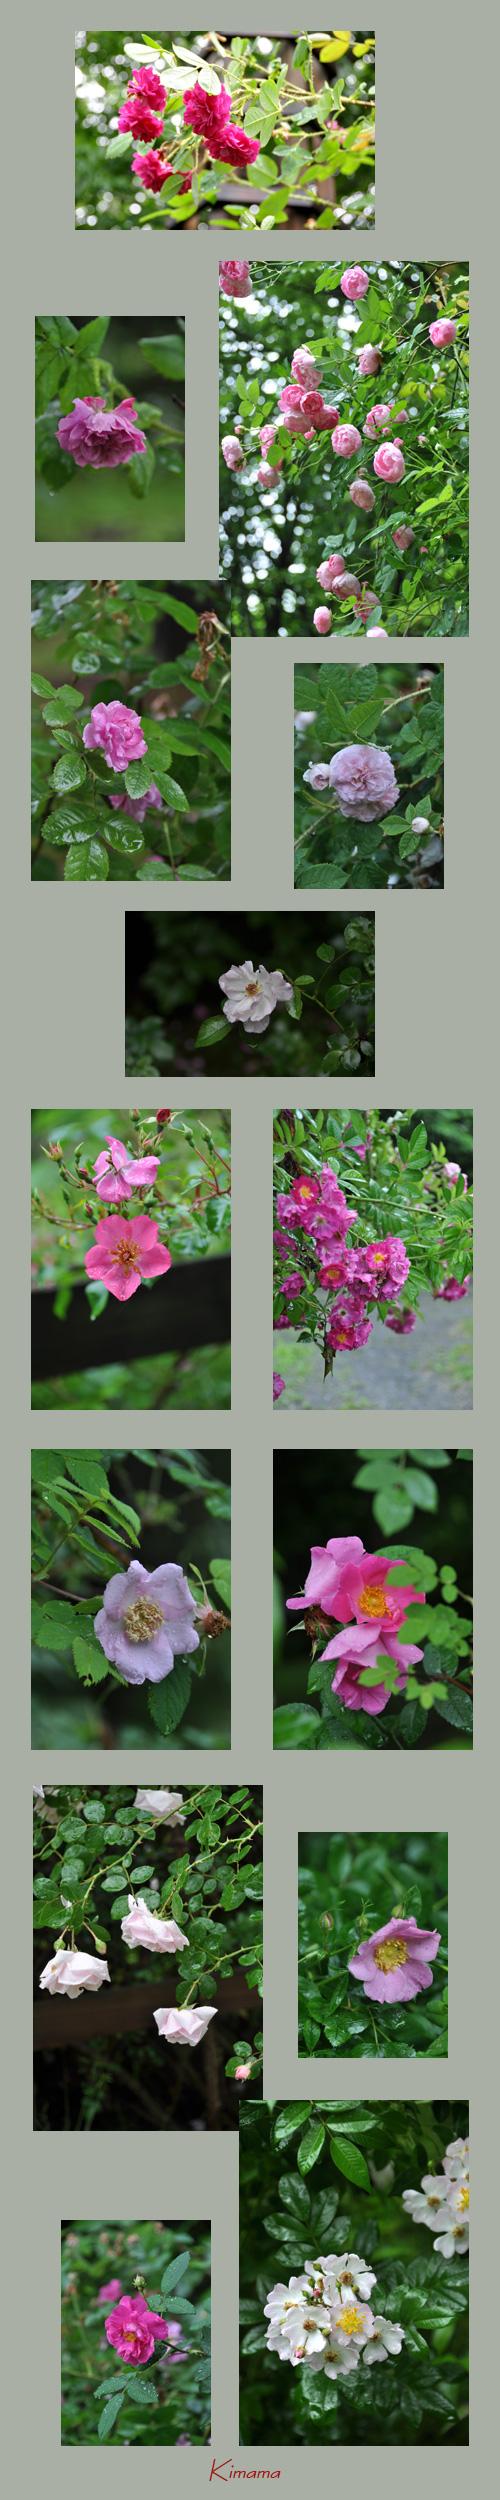 7月14日秘密の花園3